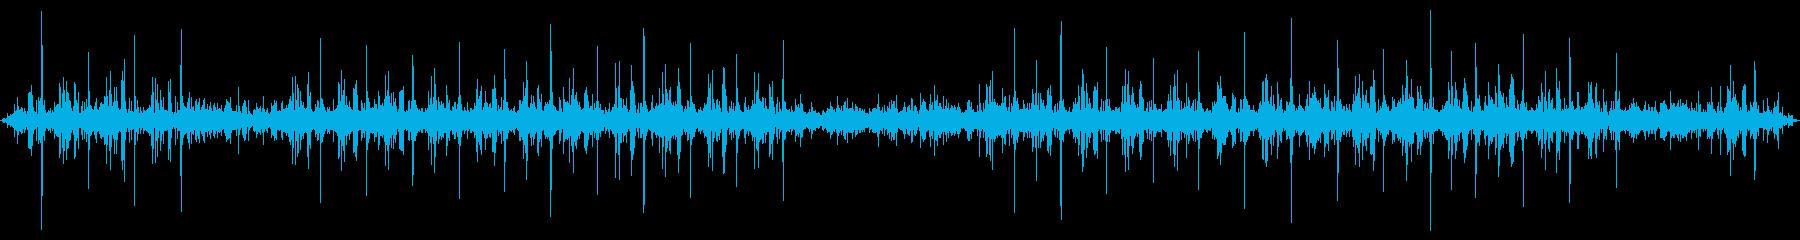 スモールメタリックラインマシン:ヘ...の再生済みの波形